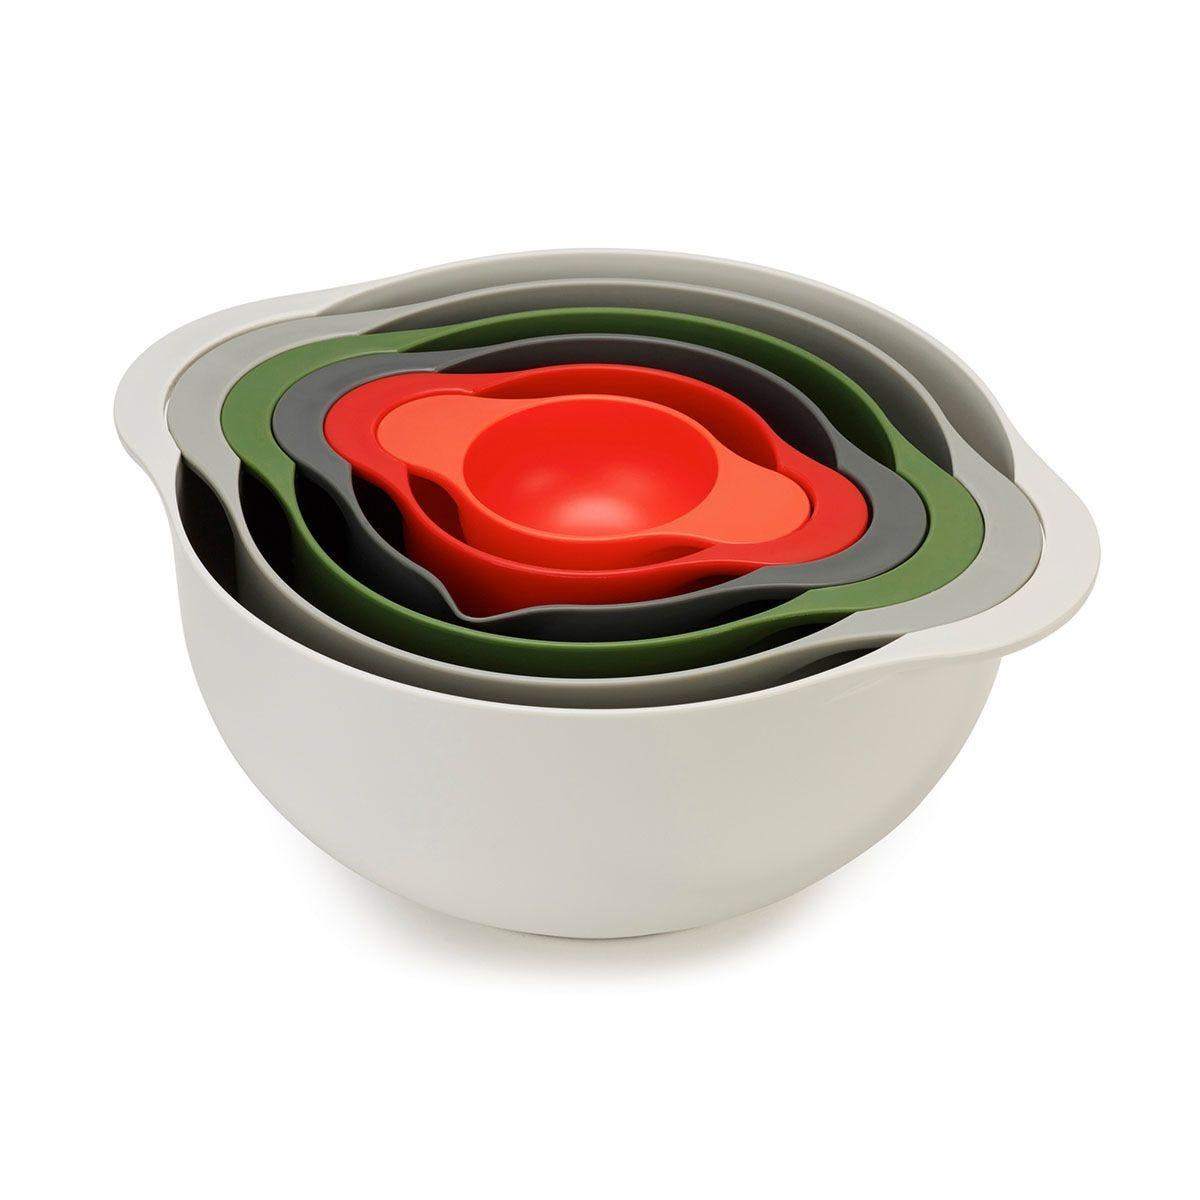 Joseph Joseph DUO 6-Piece Nesting Food Prep Bowl Set